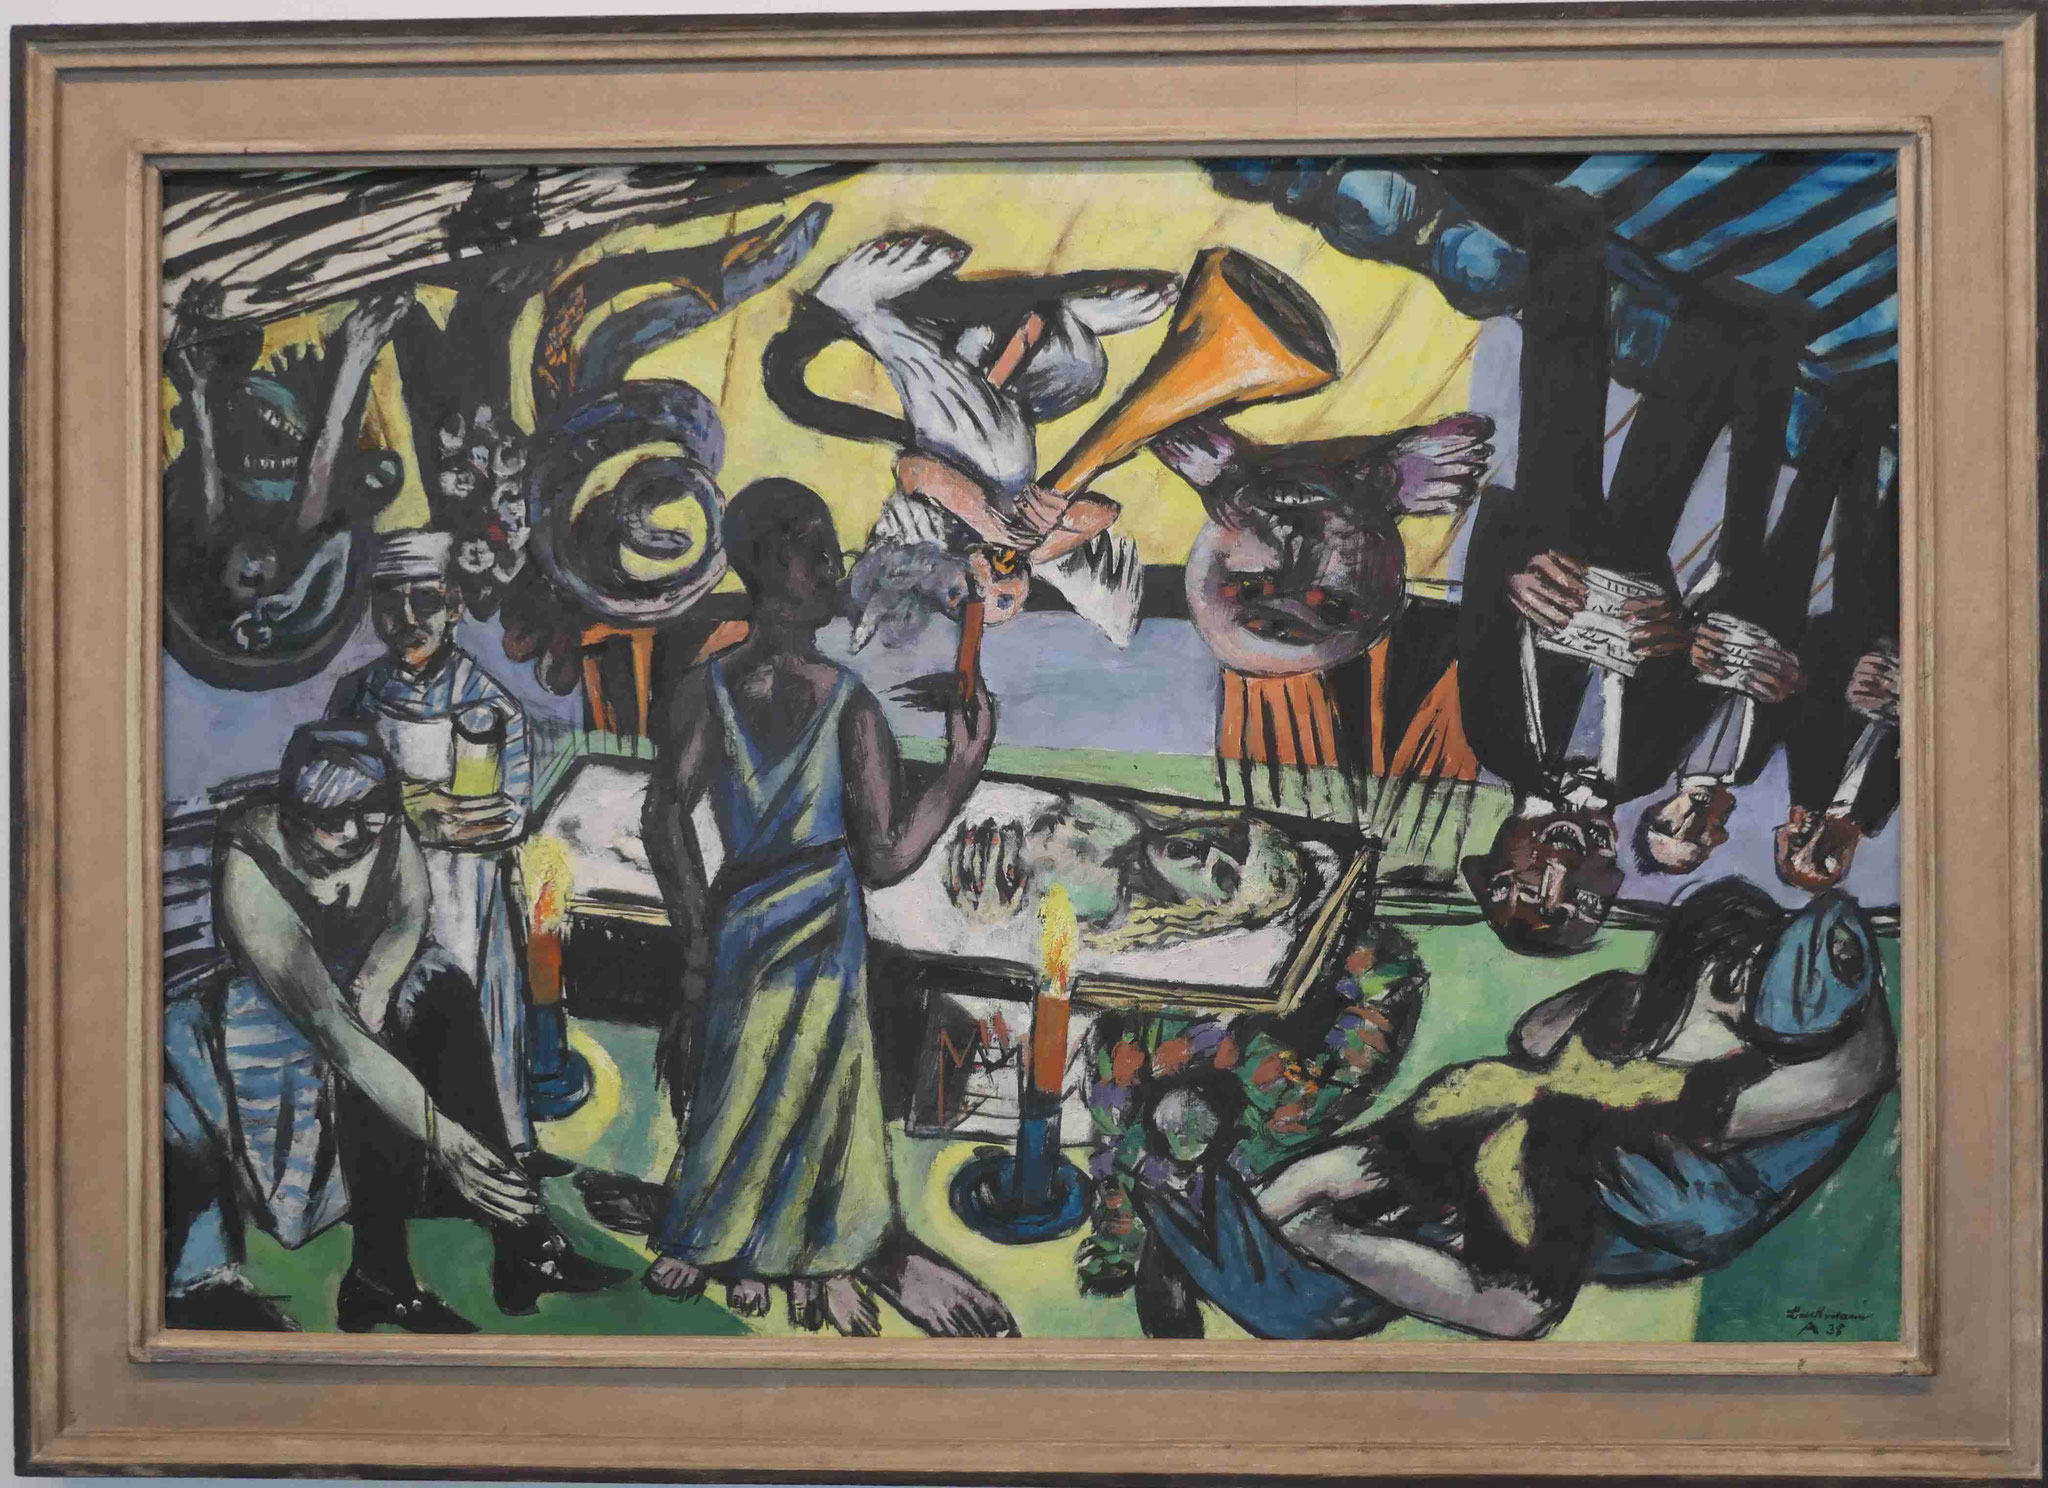 Max Beckmann, Tod, 1938, Neue Nationalgalerie Berlin